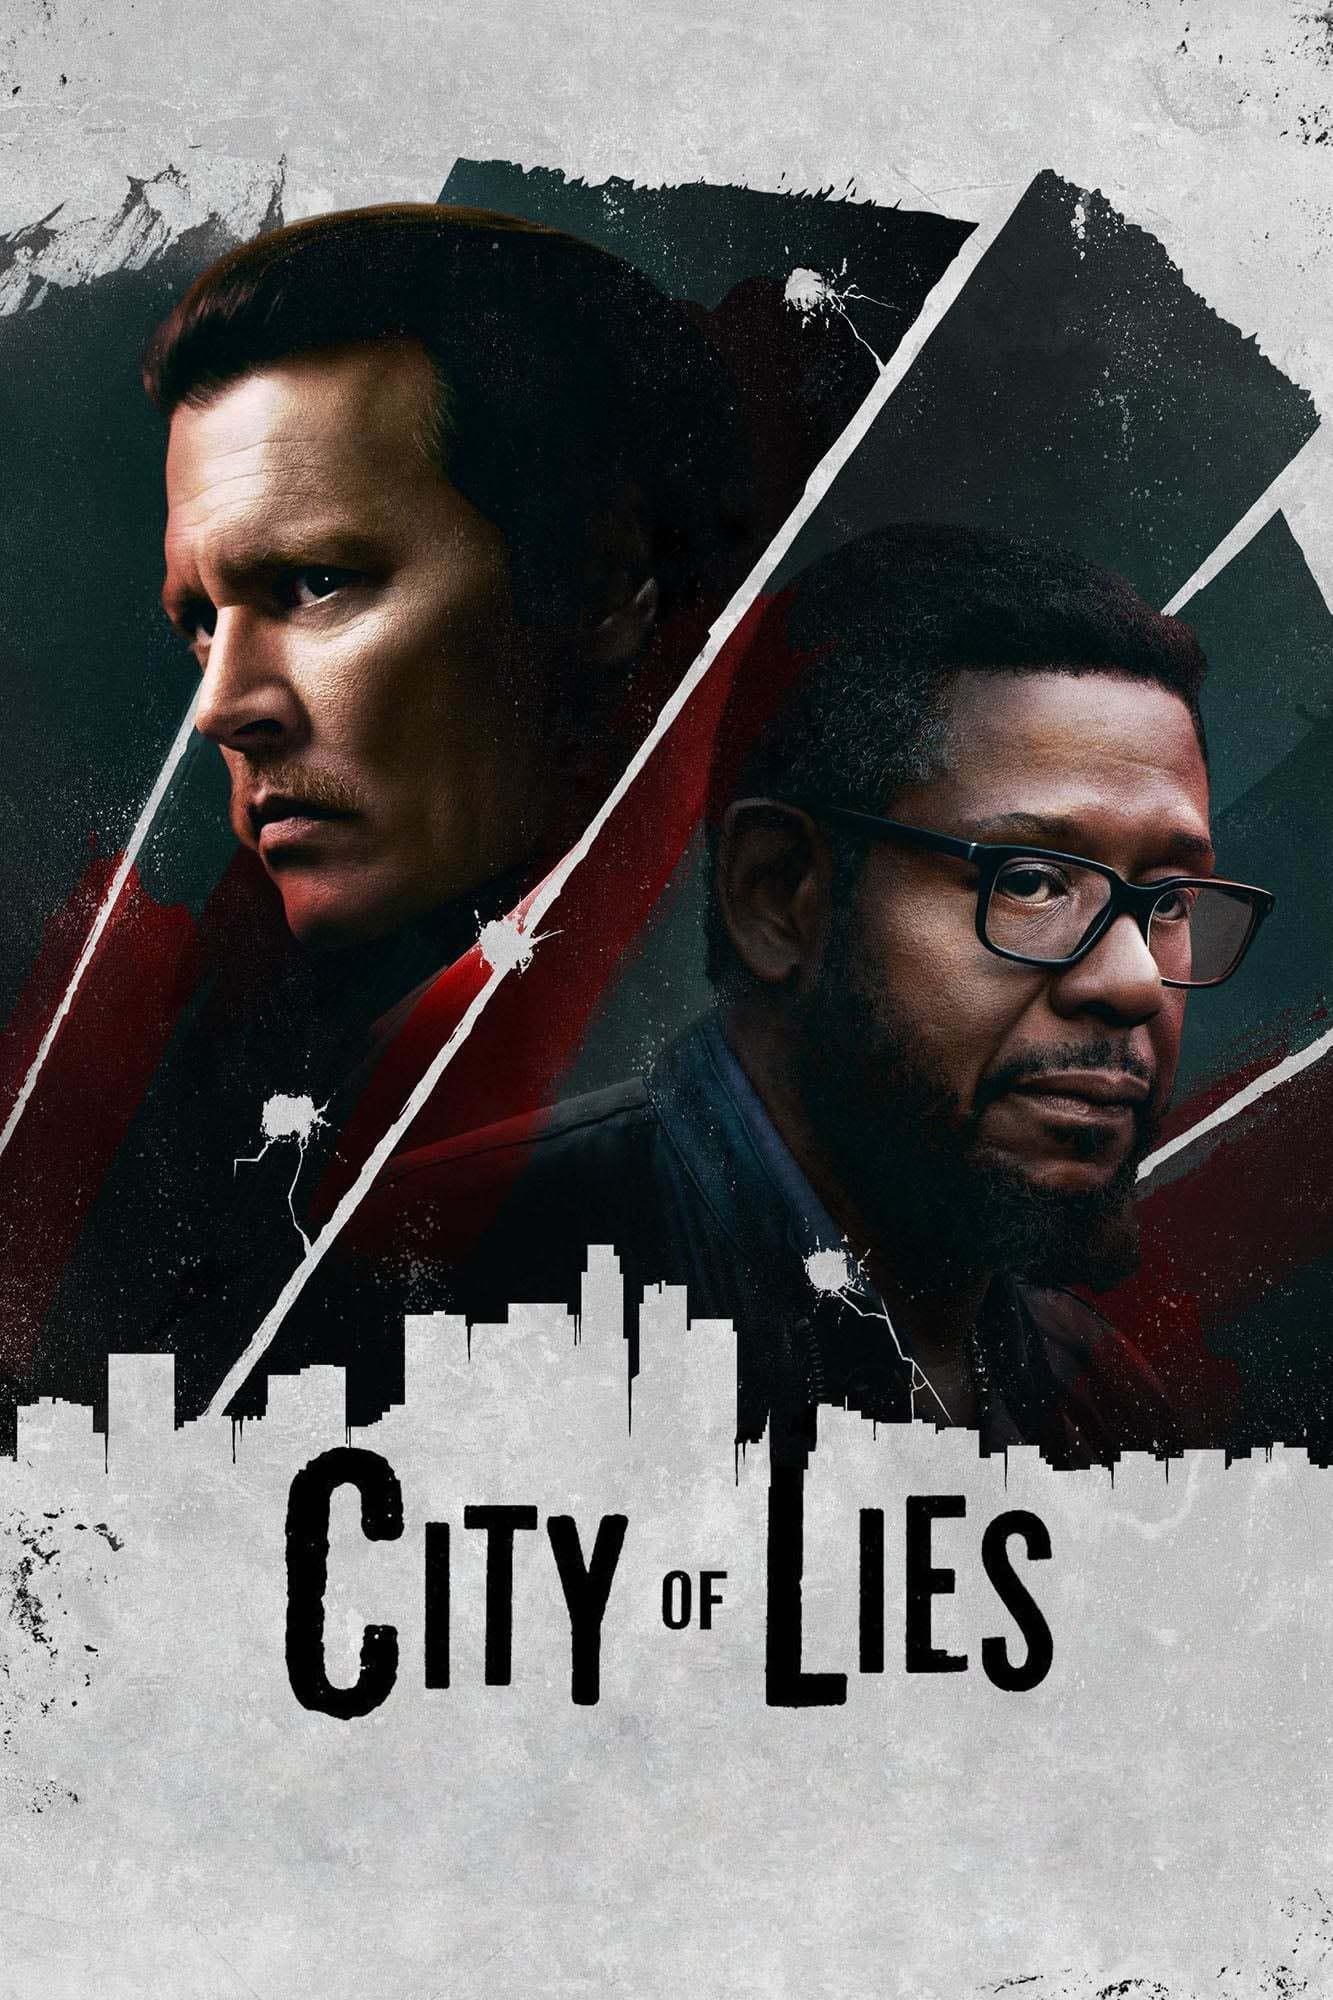 City of lies - l'ora della verita'